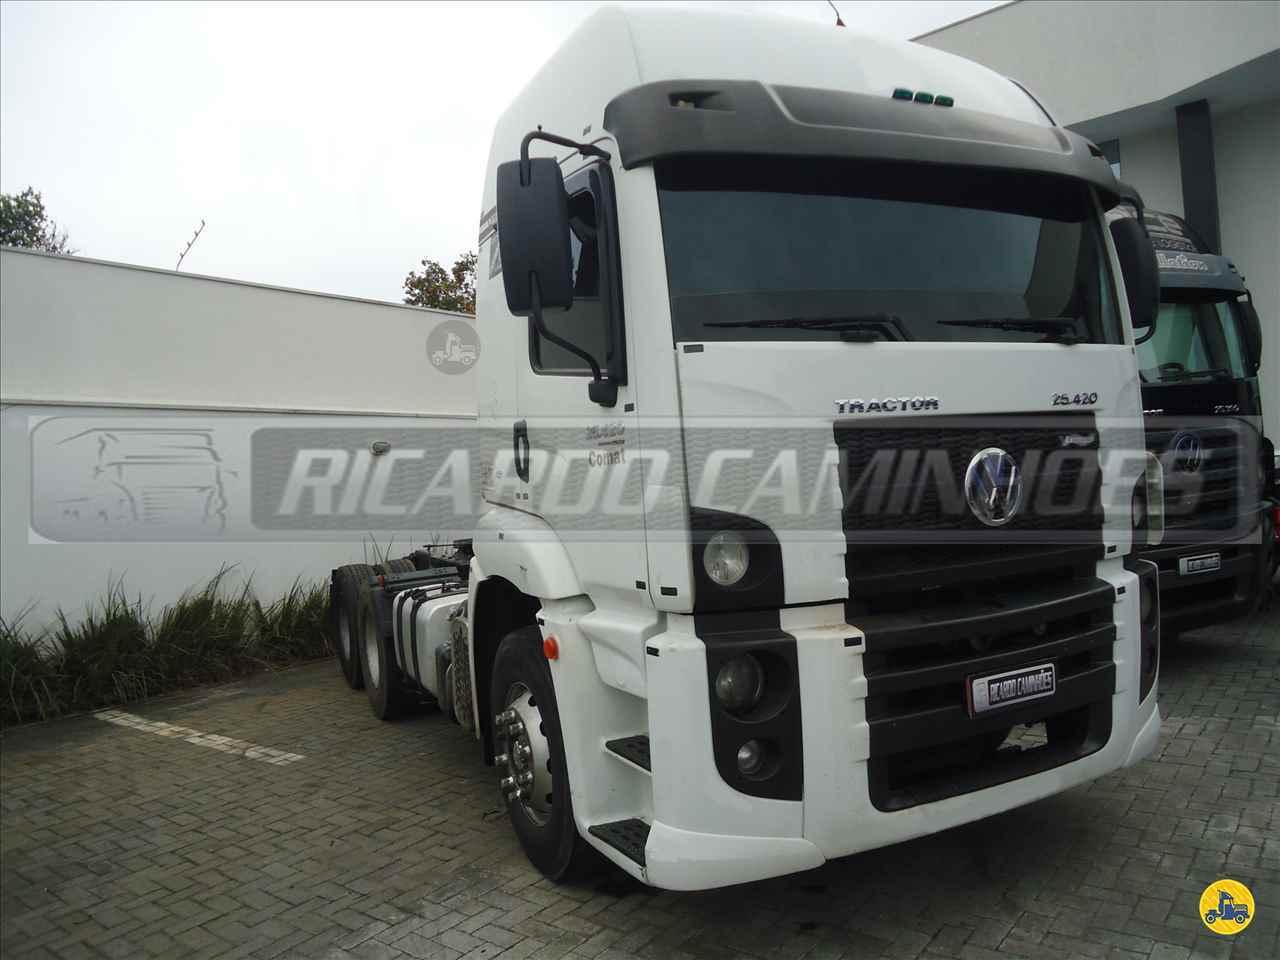 CAMINHAO VOLKSWAGEN VW 25420 Cavalo Mecânico Truck 6x2 Ricardo Caminhões Curitiba CURITIBA PARANÁ PR